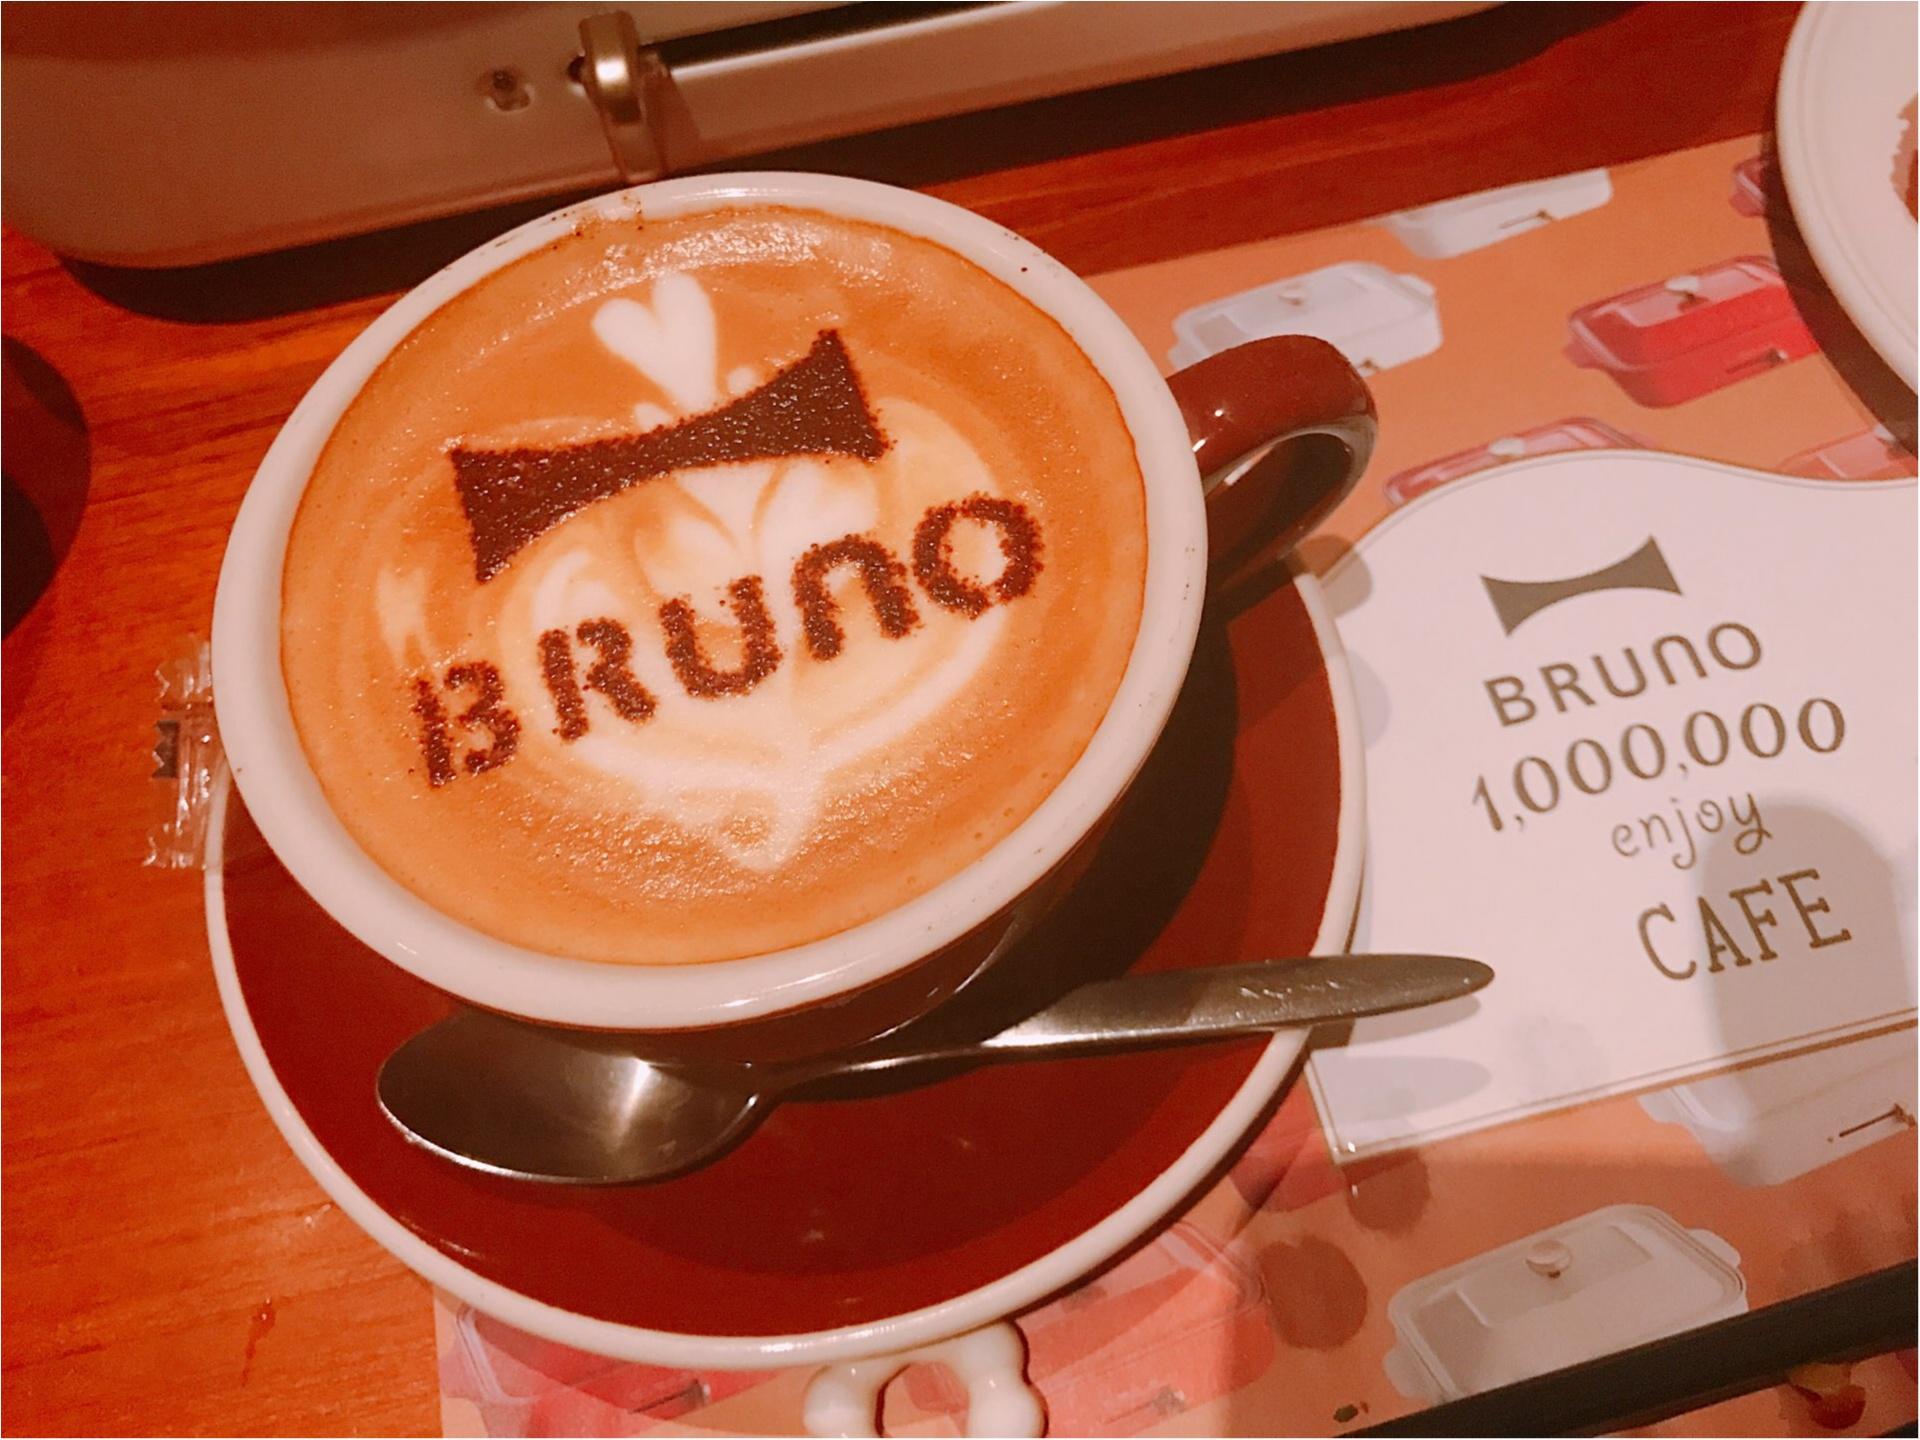 4日限定!コンパクトホットプレートでおもてなし【BRUNO CAFE】がオープン★_8